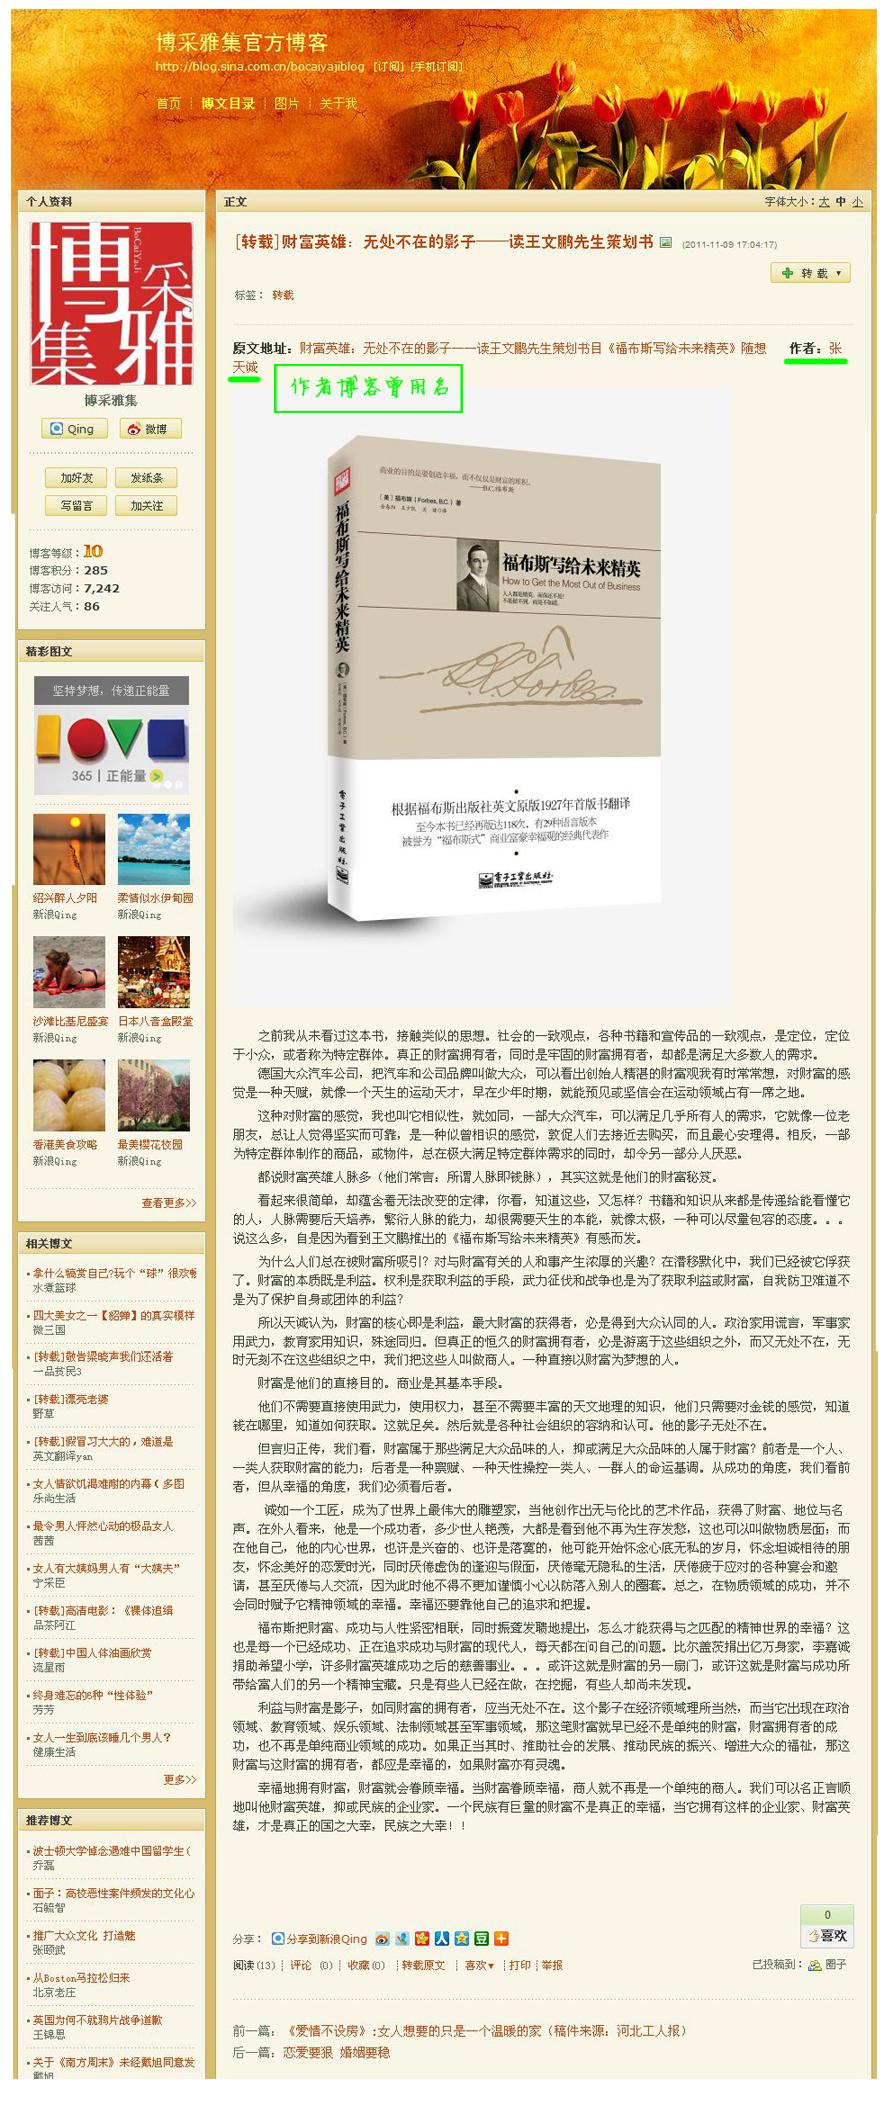 博采雅集图书策划公司:《福布斯写给未来精英》书评